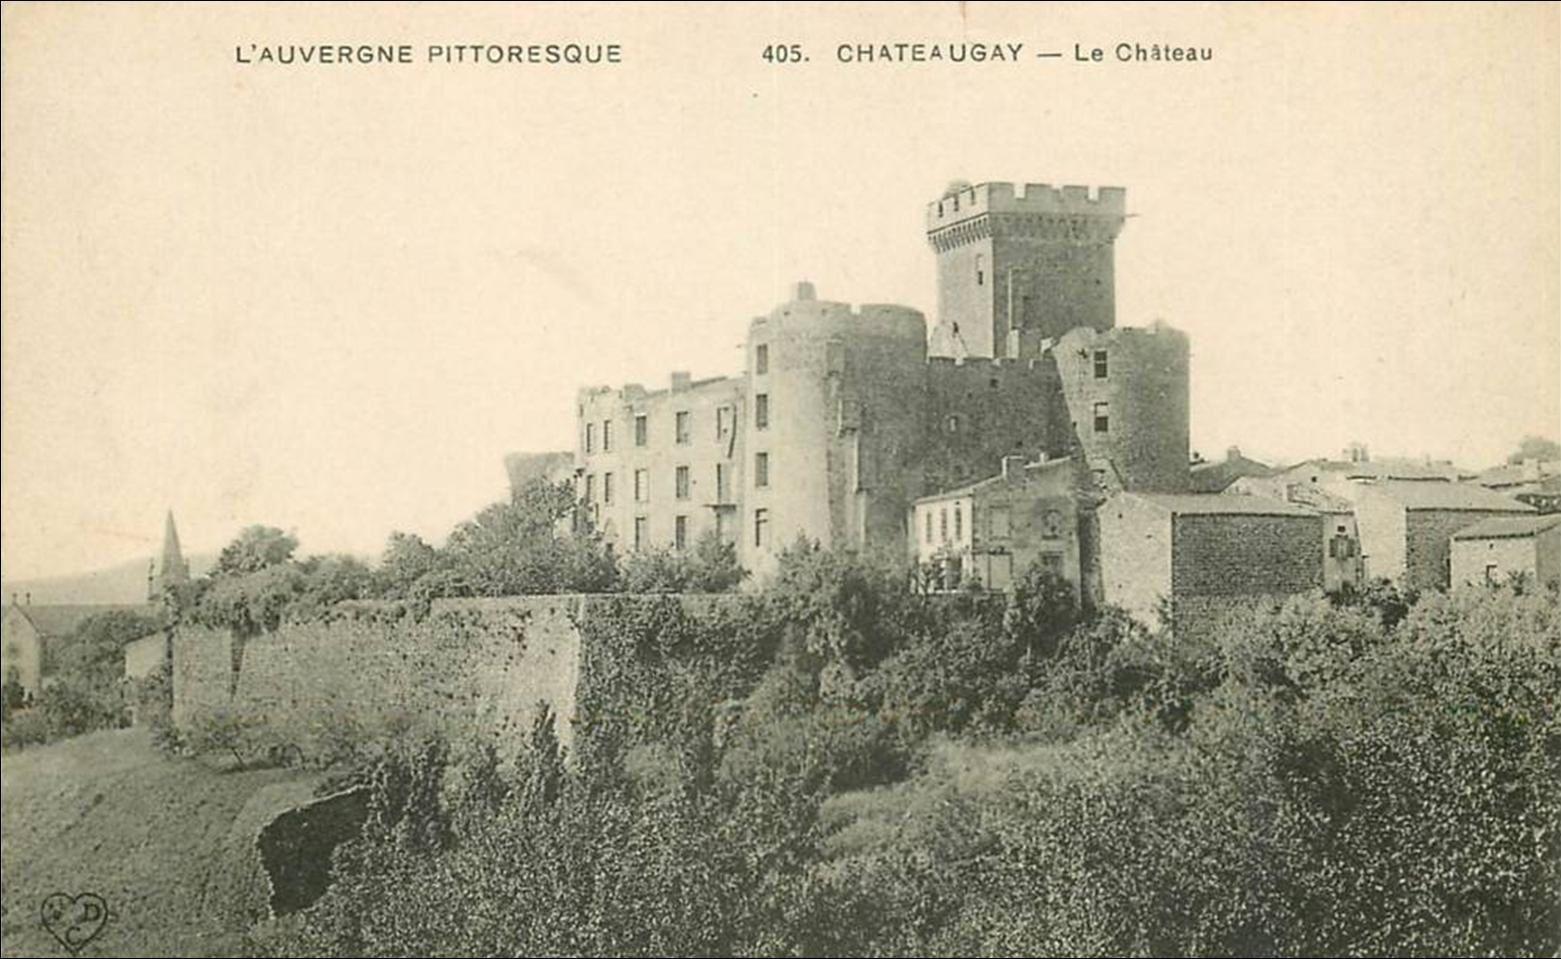 Il était une fois Chateaugay